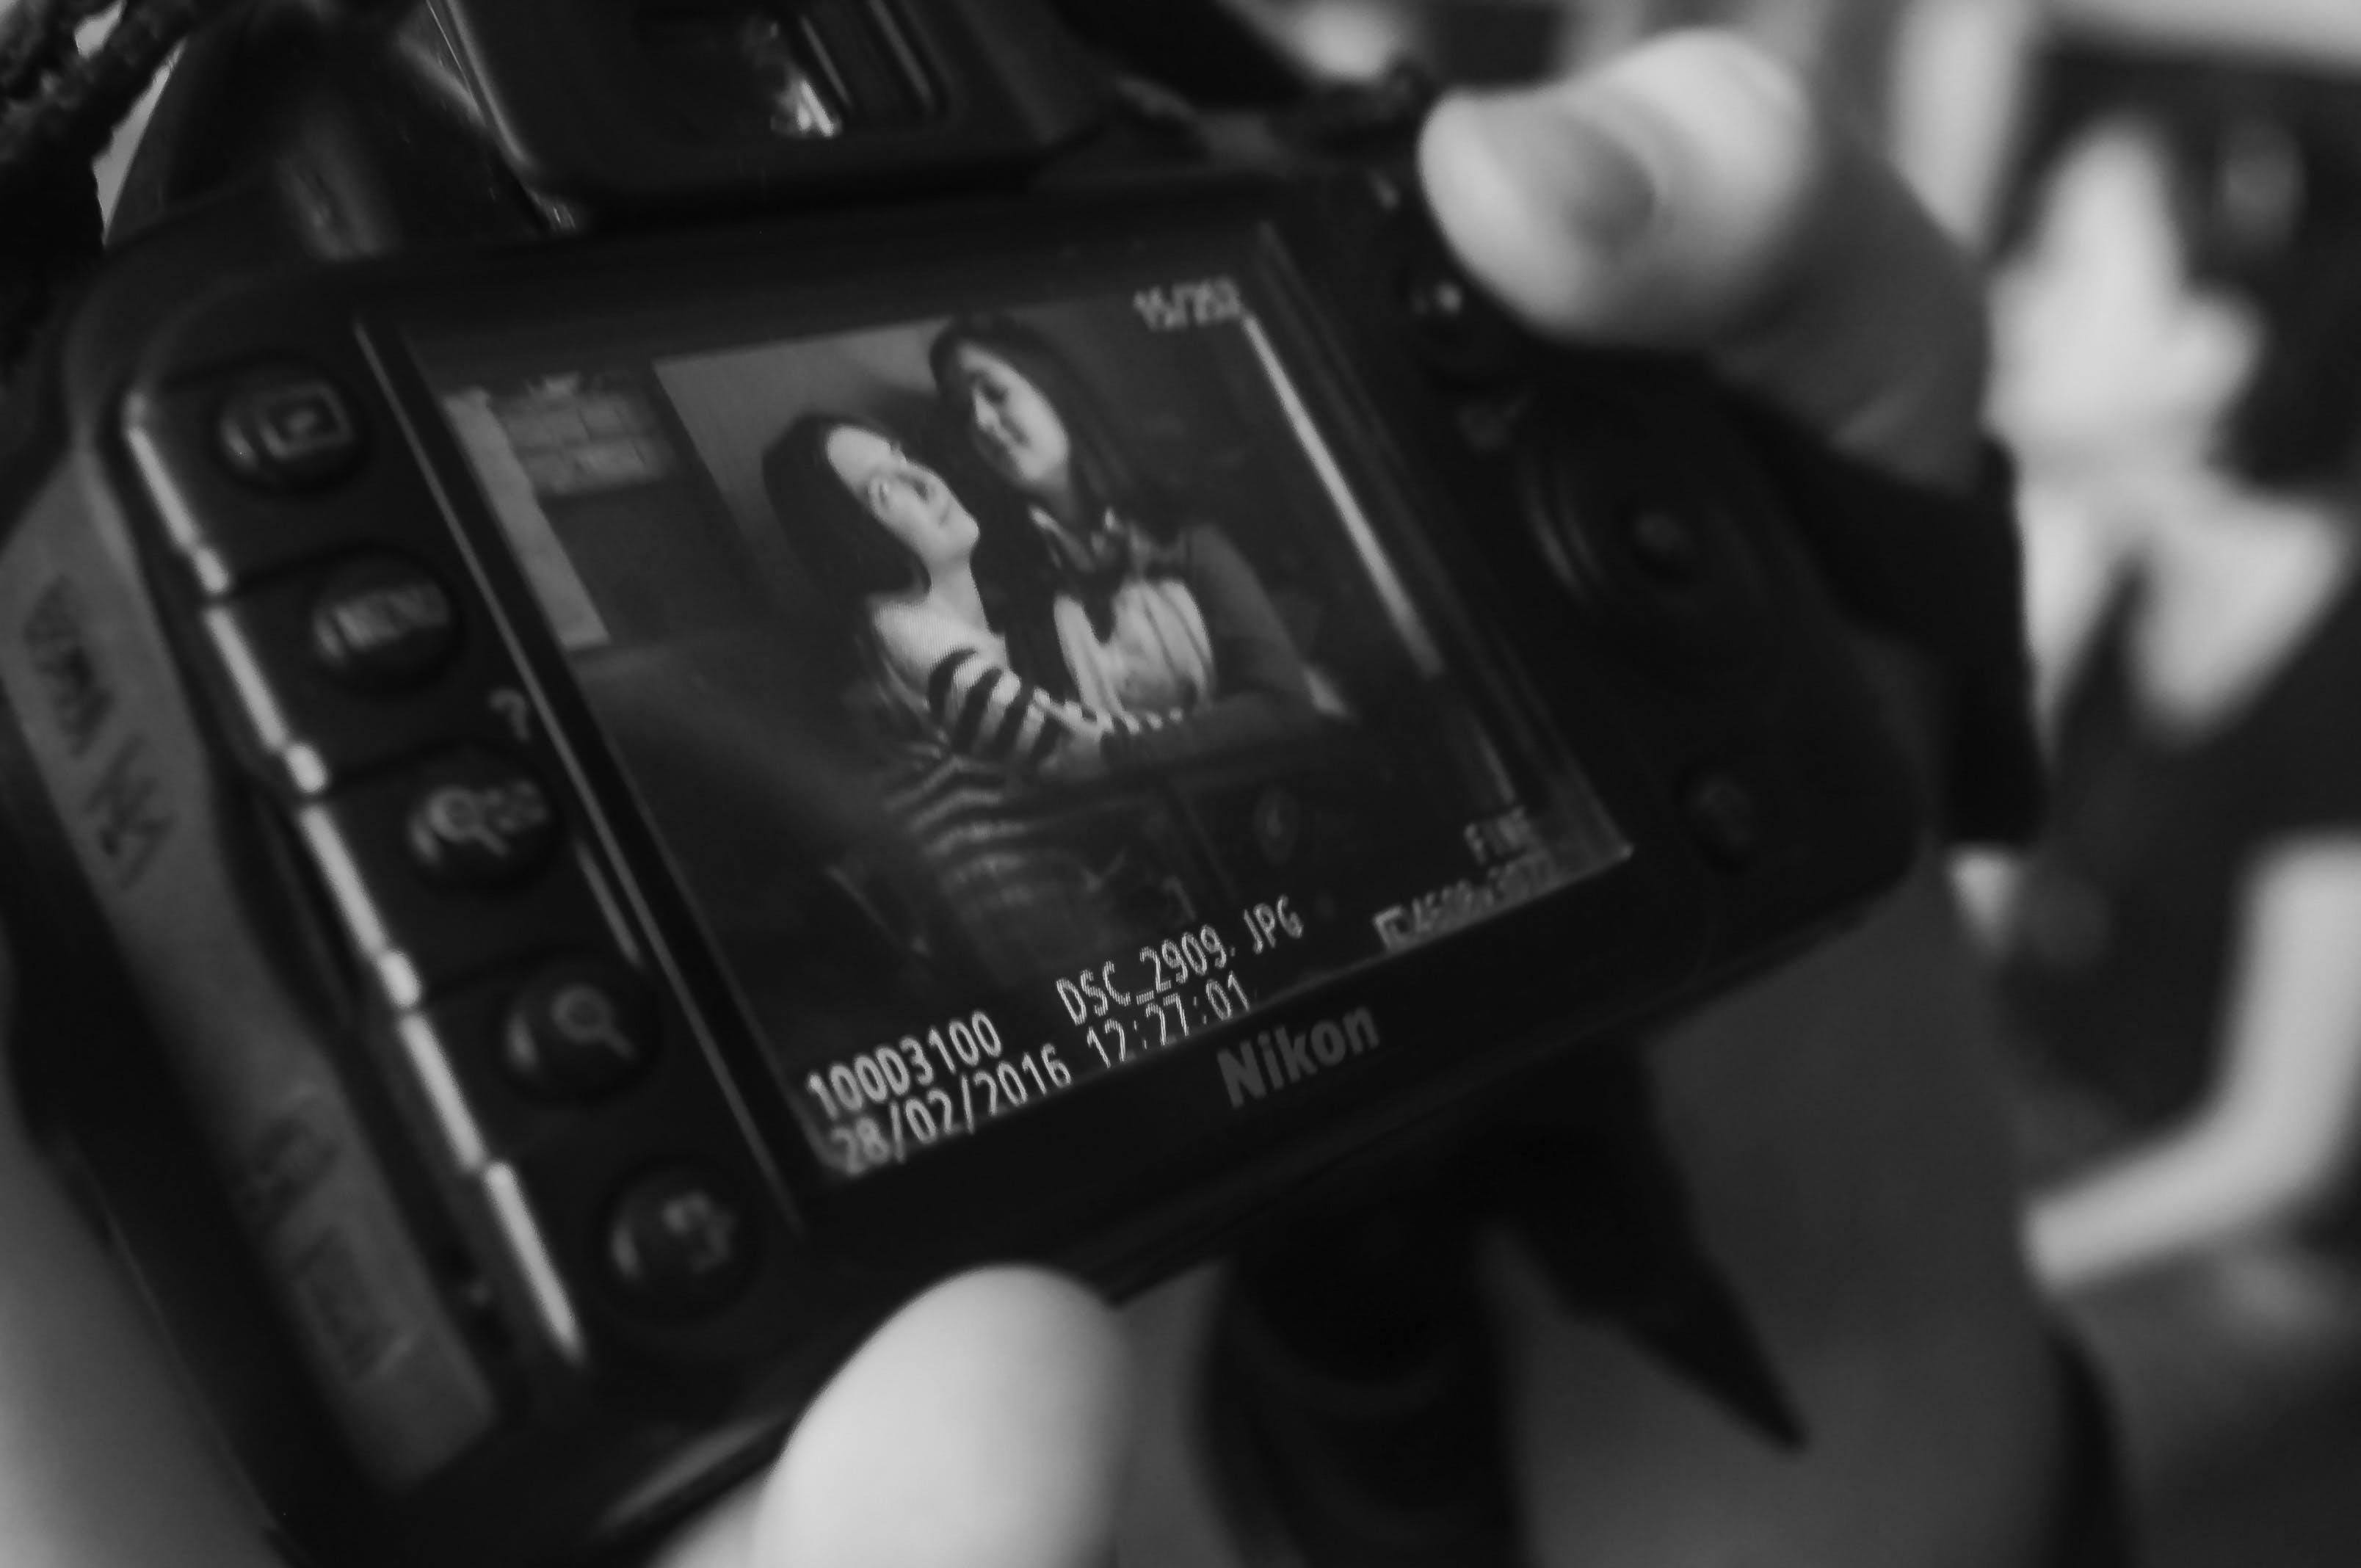 กล้อง, กล้องวิดีโอ, การถ่ายภาพ